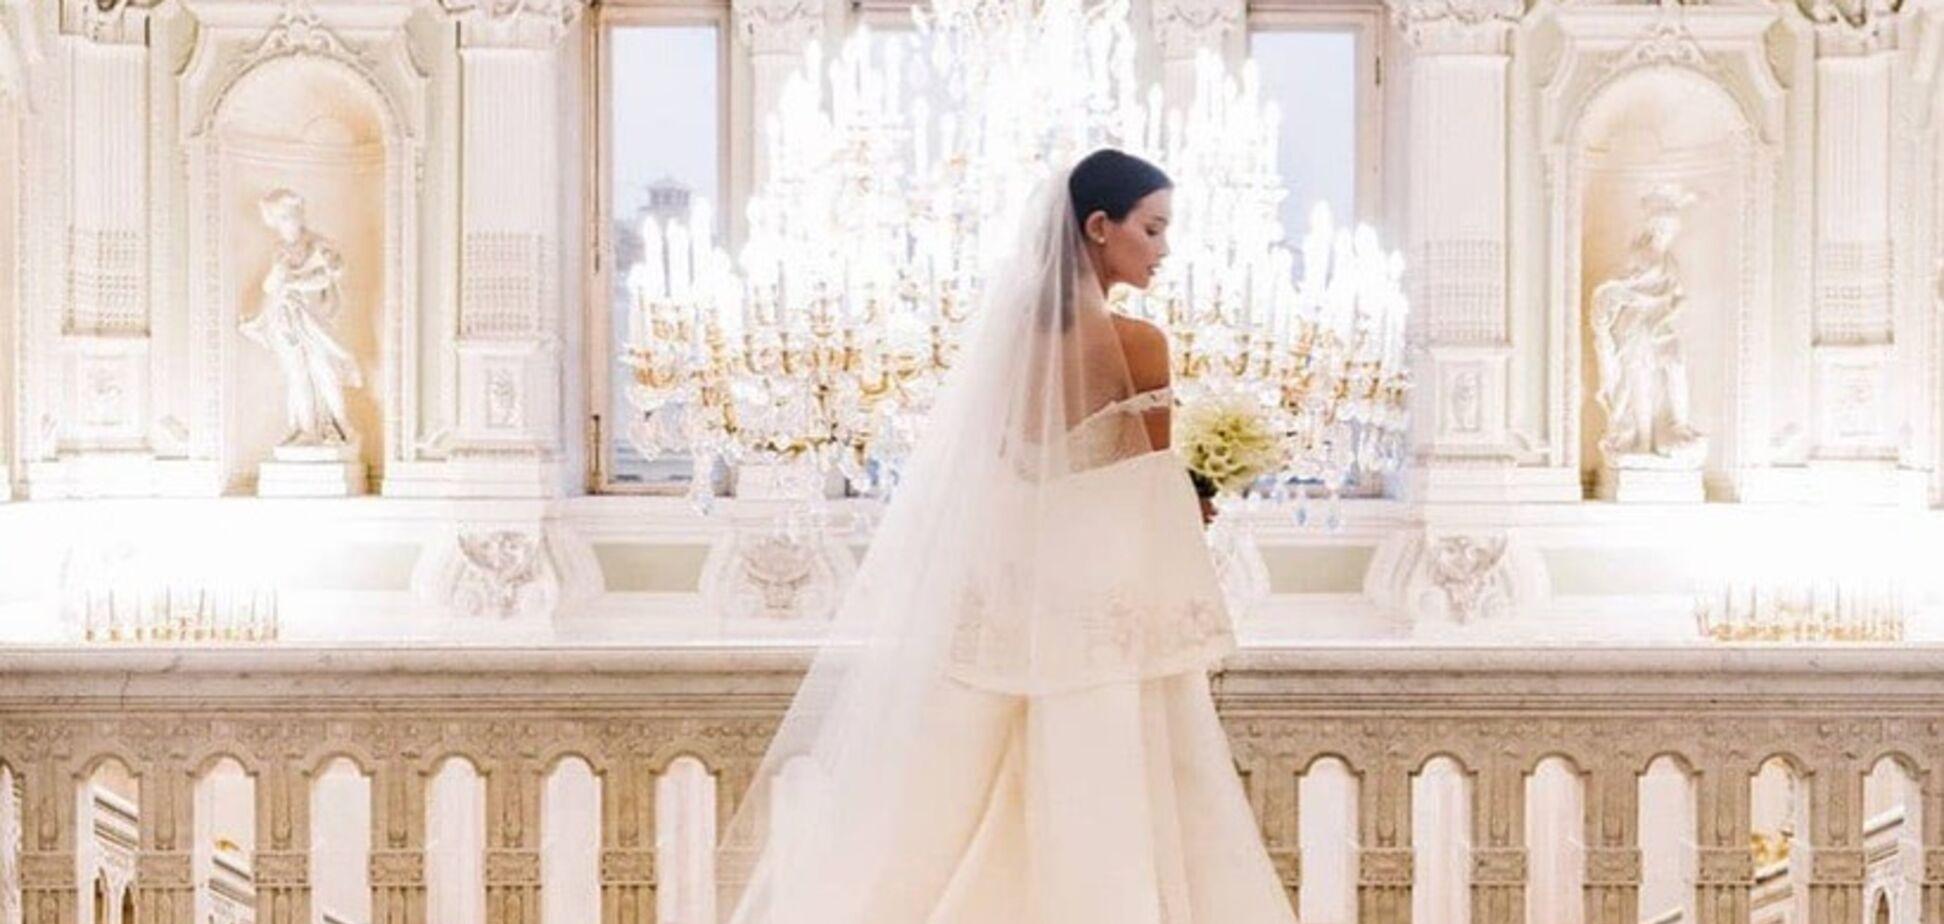 Бондарчук женился на известной актрисе: самые горячие фото Паулины Андреевой